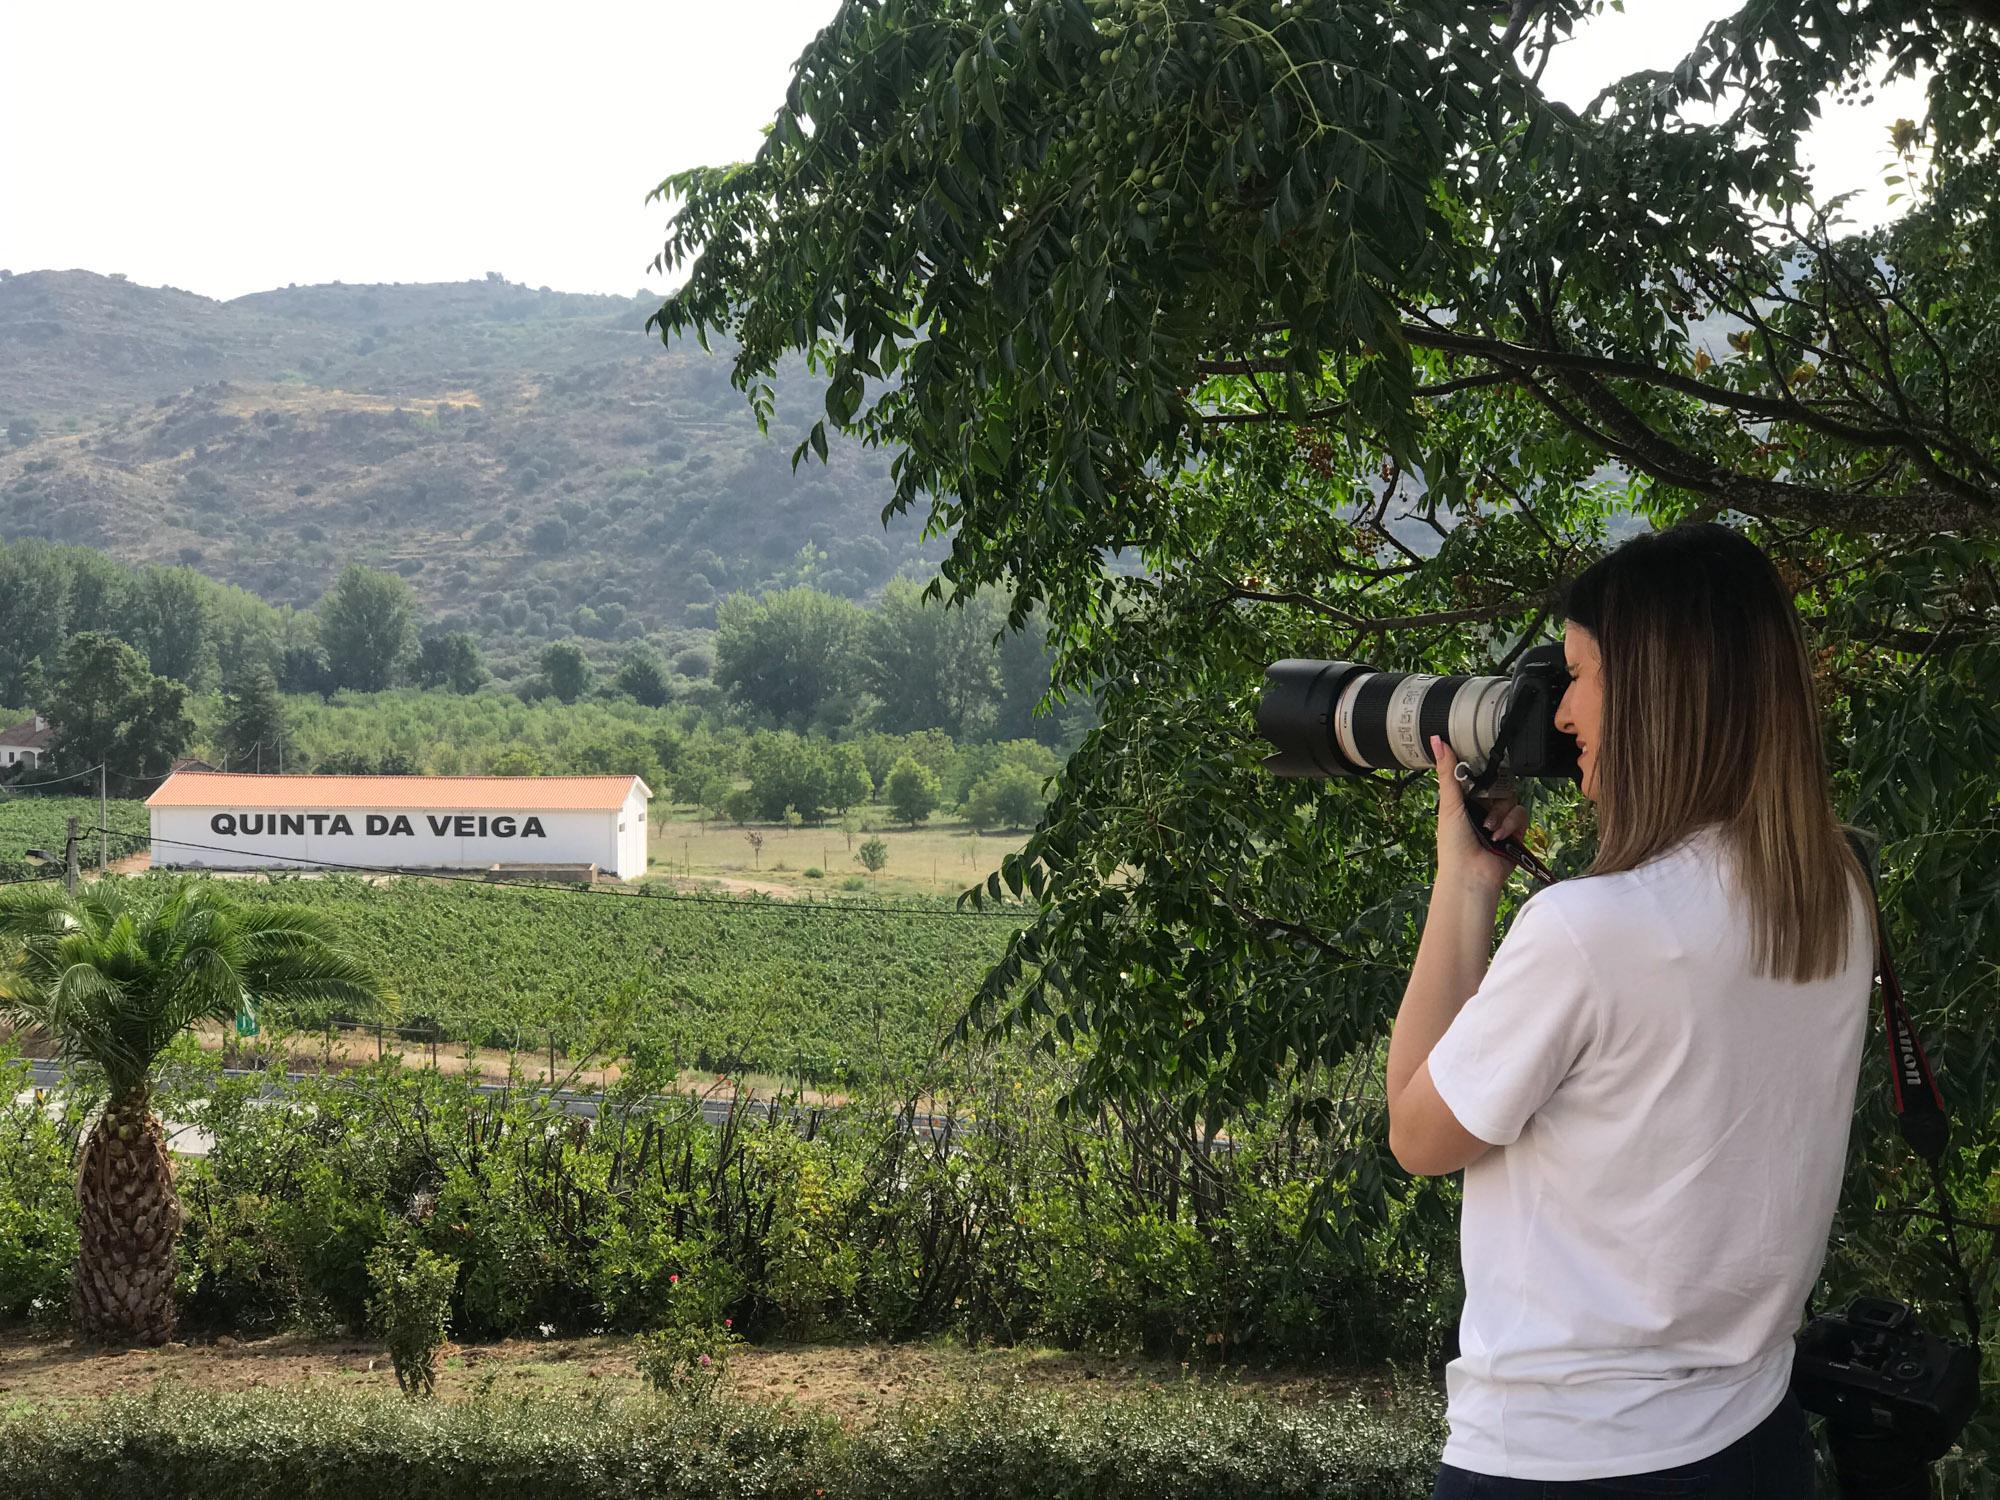 Casal dos Capelinhos, Quinta Nova, fotografia de espaços, fotografia de garrafas vinho, quintas, doc douro, vinhos doc, região demarcada do douro, ruidacruz